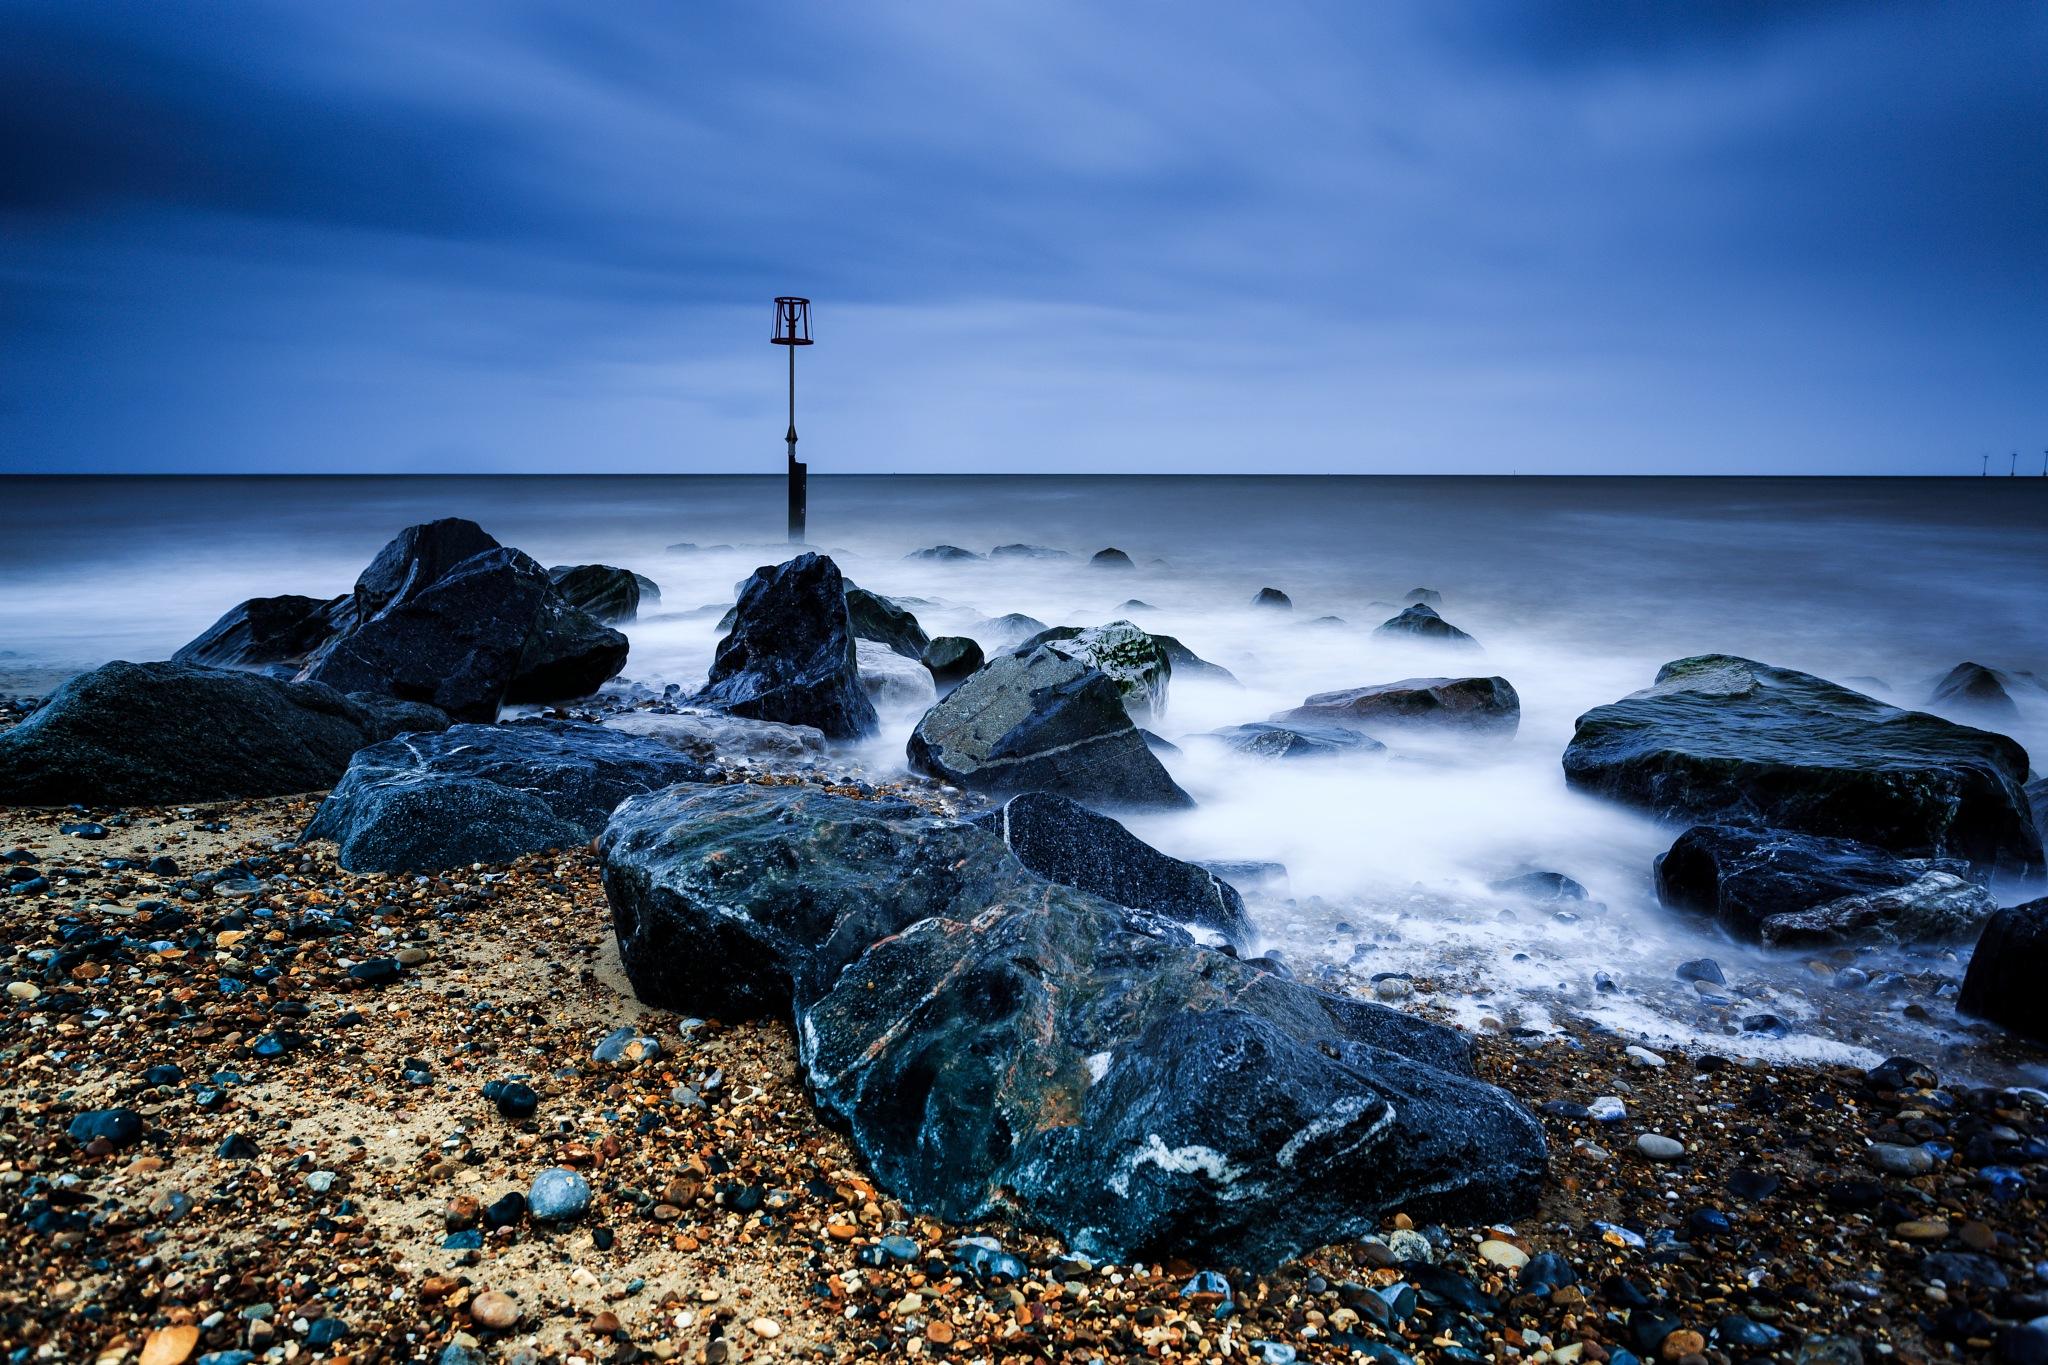 Breakwater by Tony Shaw